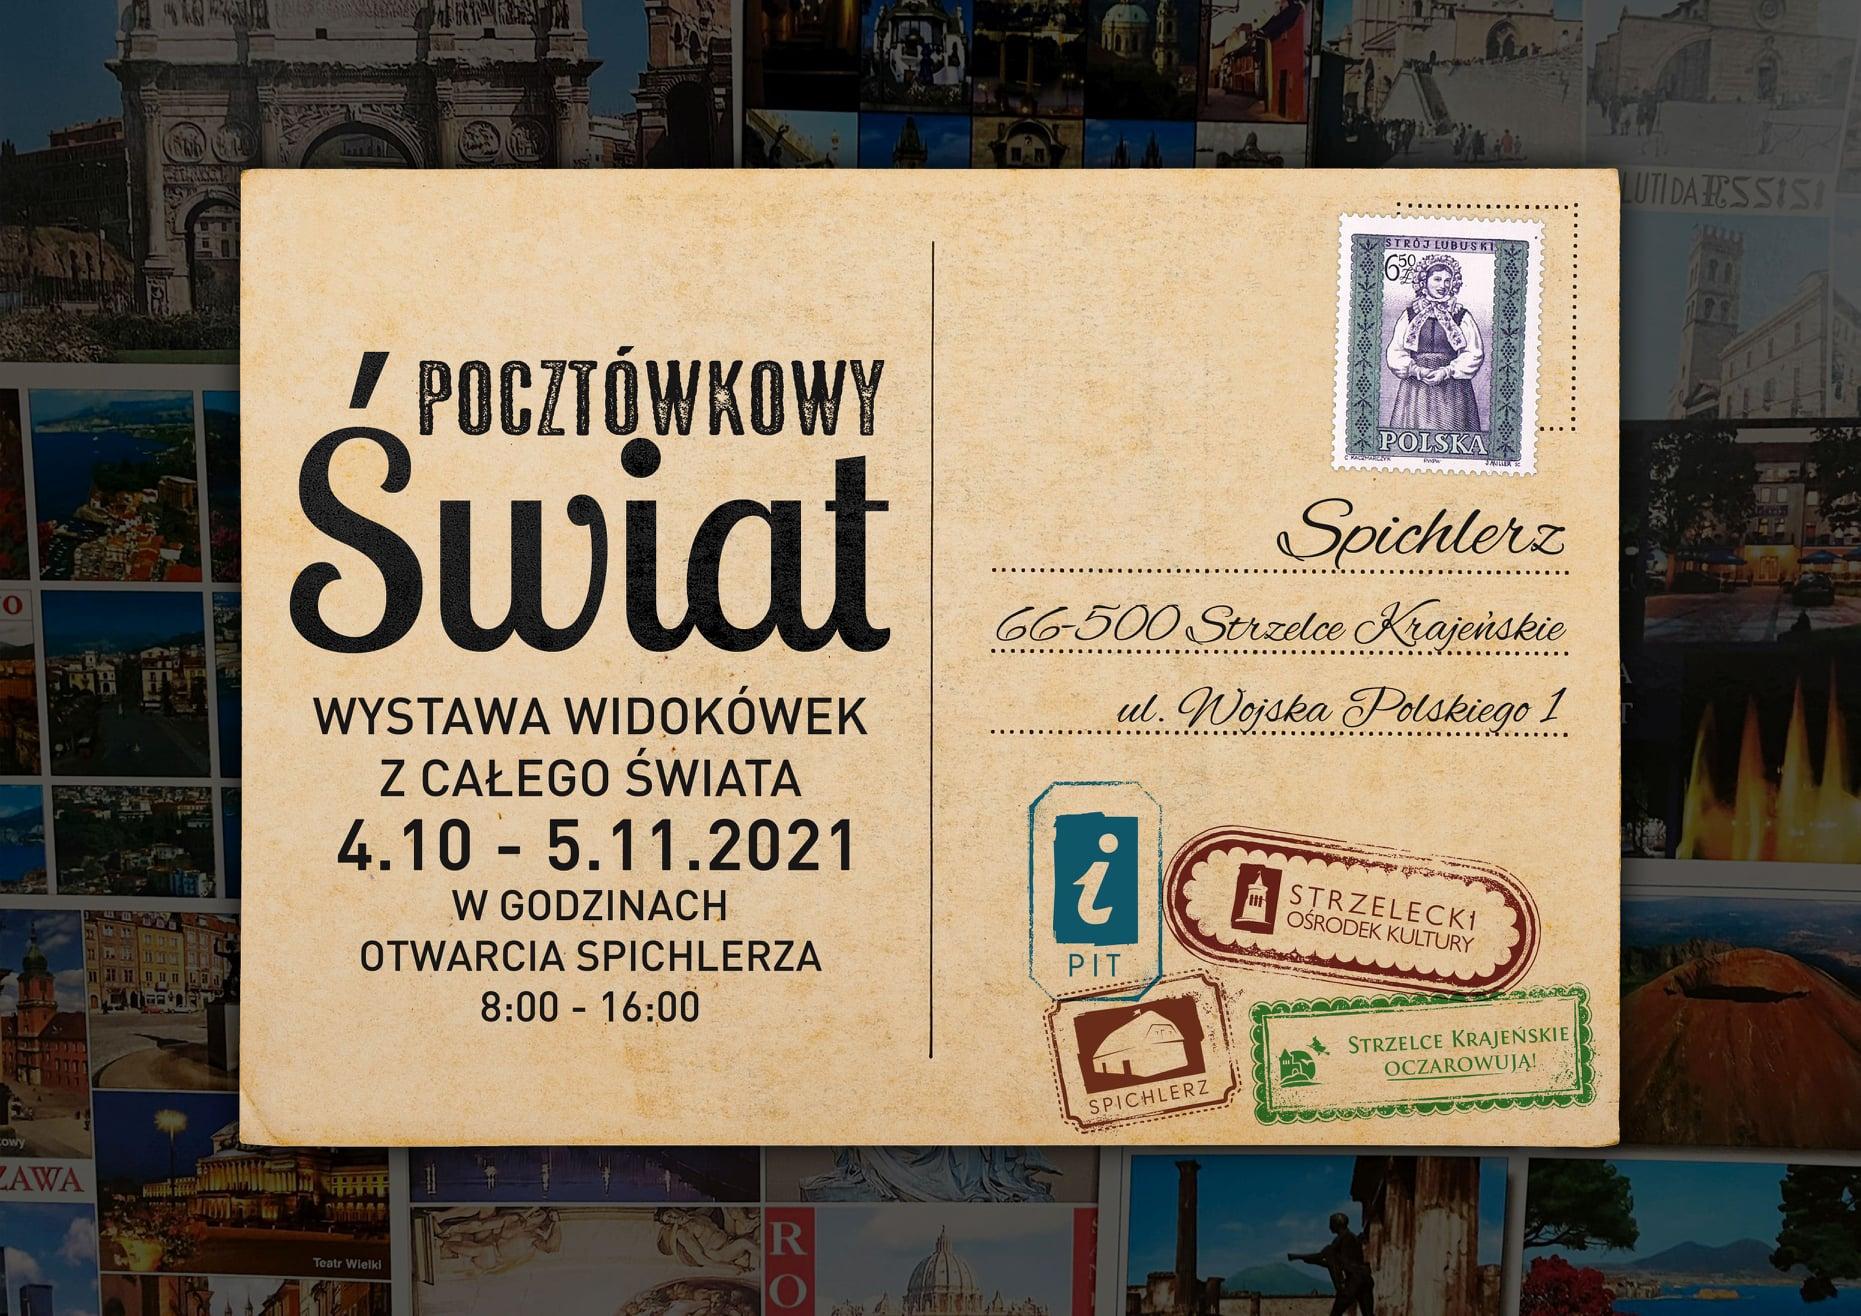 Pocztówkowy Świat - plakat